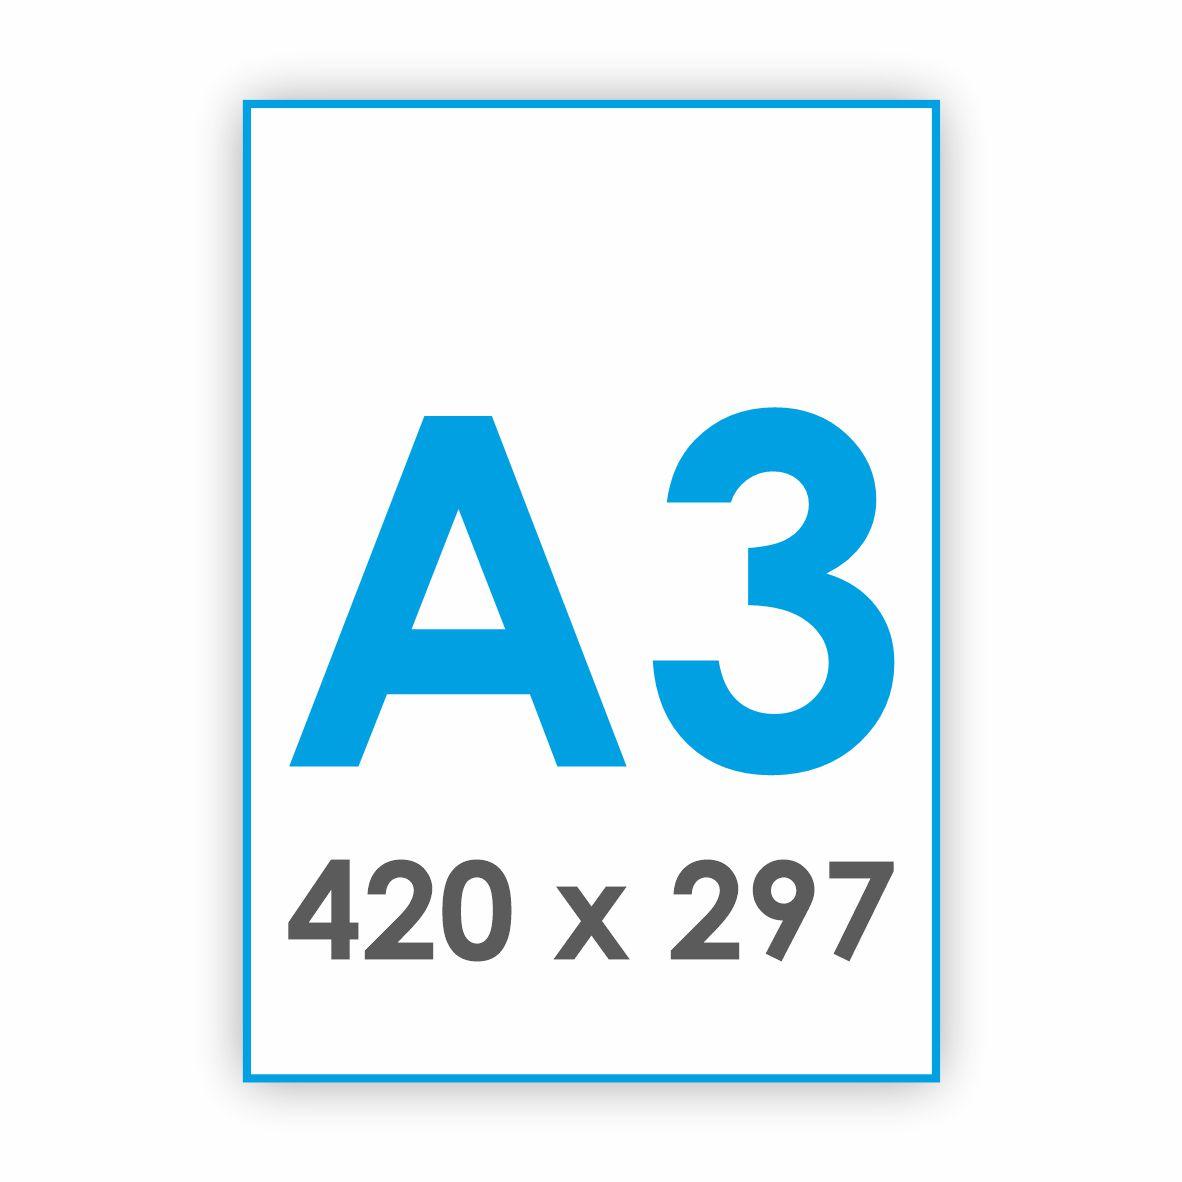 A3 - 420 x 297 mm